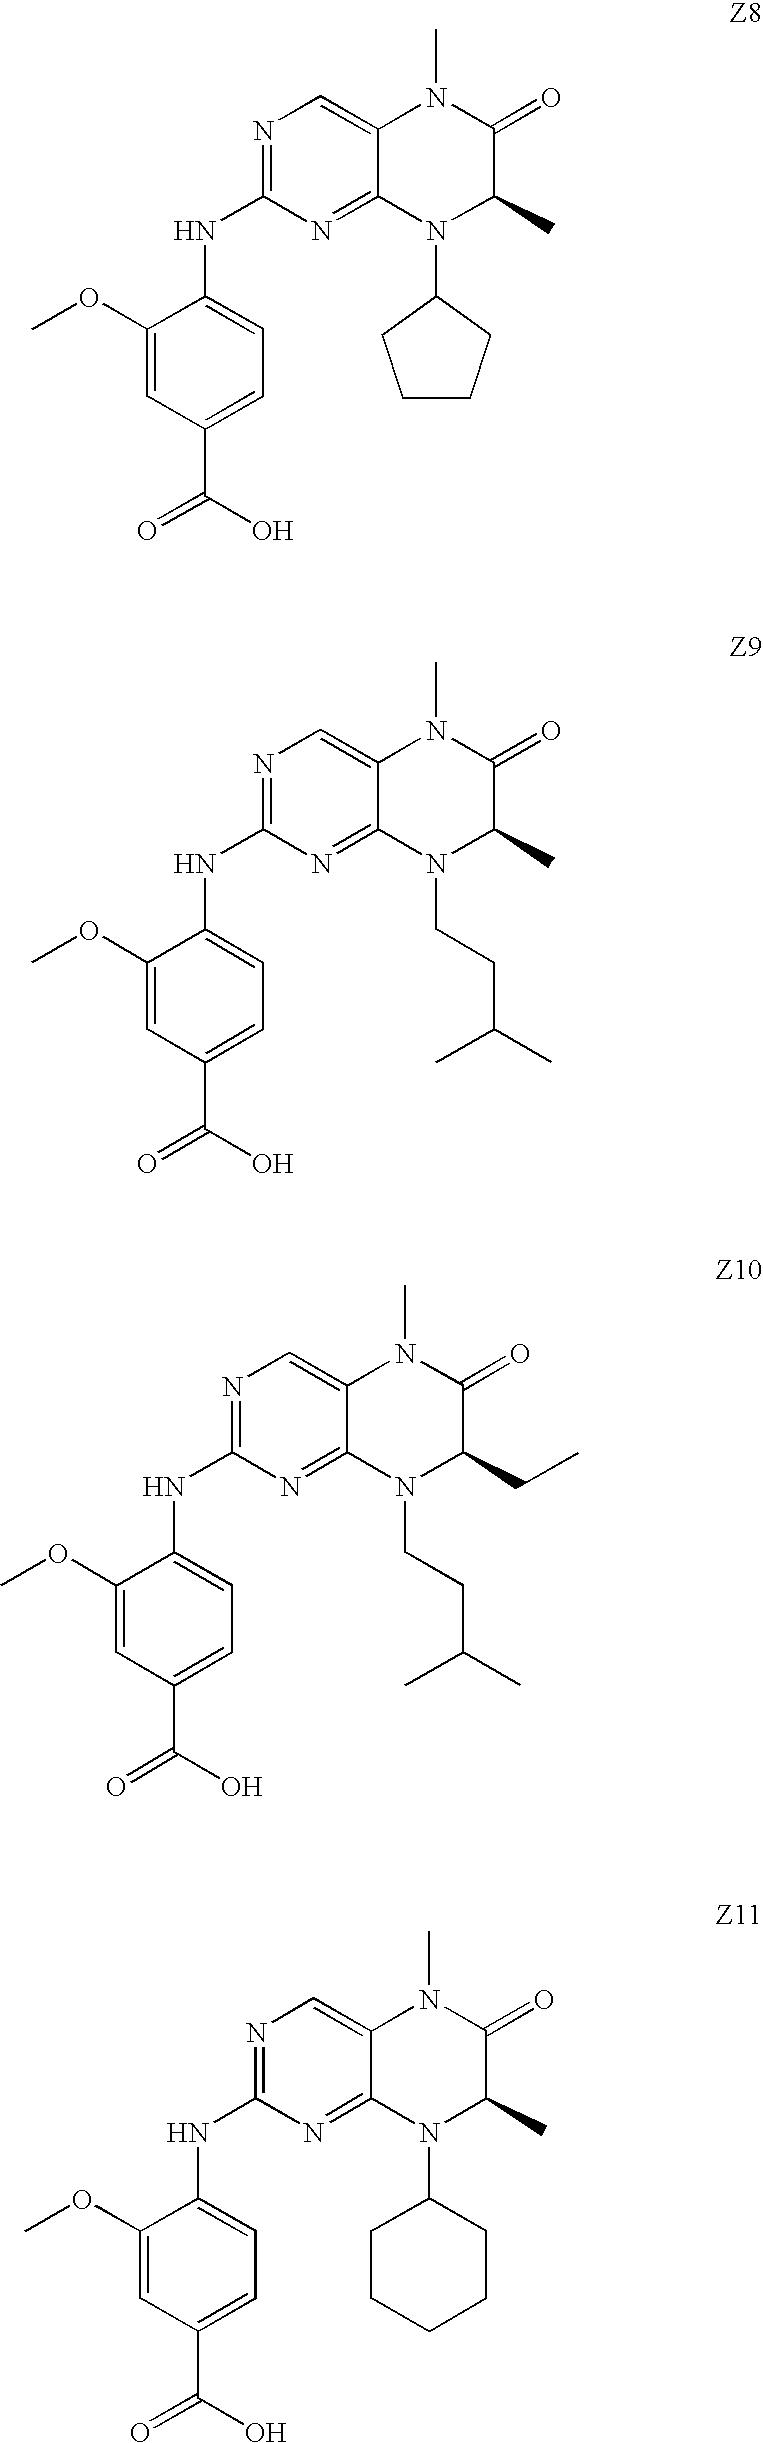 Figure US20060074088A1-20060406-C00069